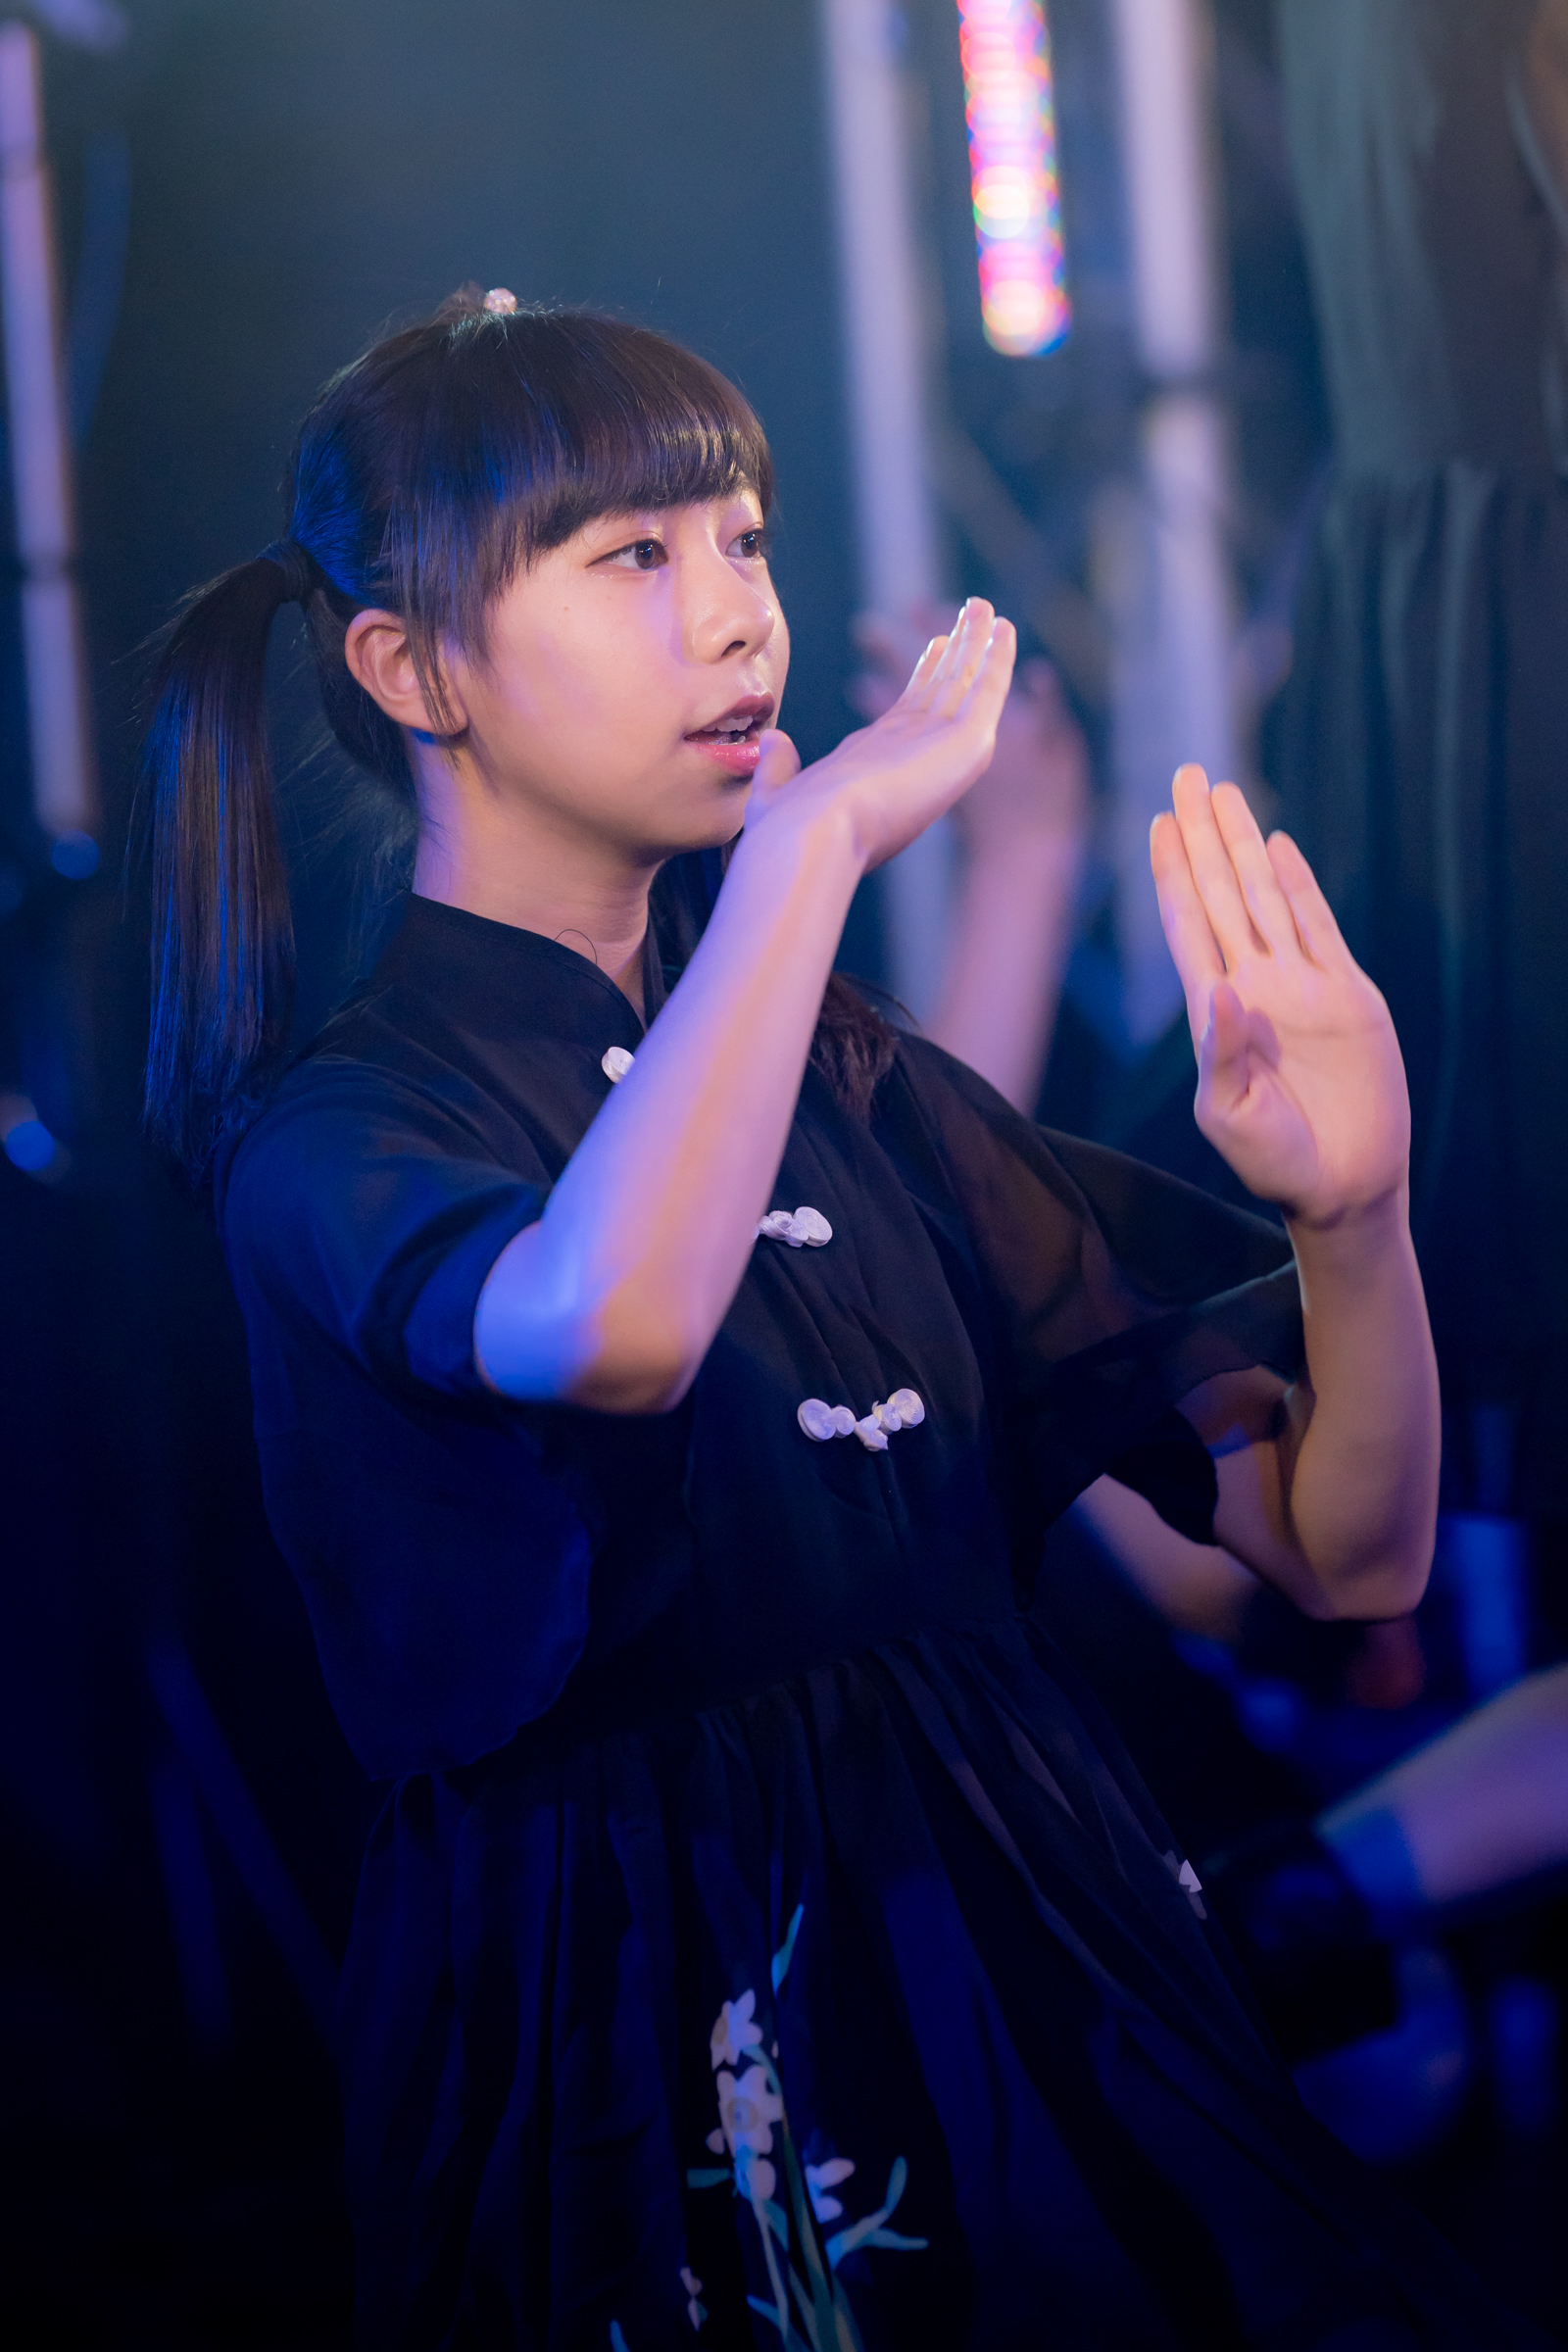 フルーティー♡ さえ ( 大井彩愛 )   フルーティー定期公演フルーツバスケット~おまる生誕~